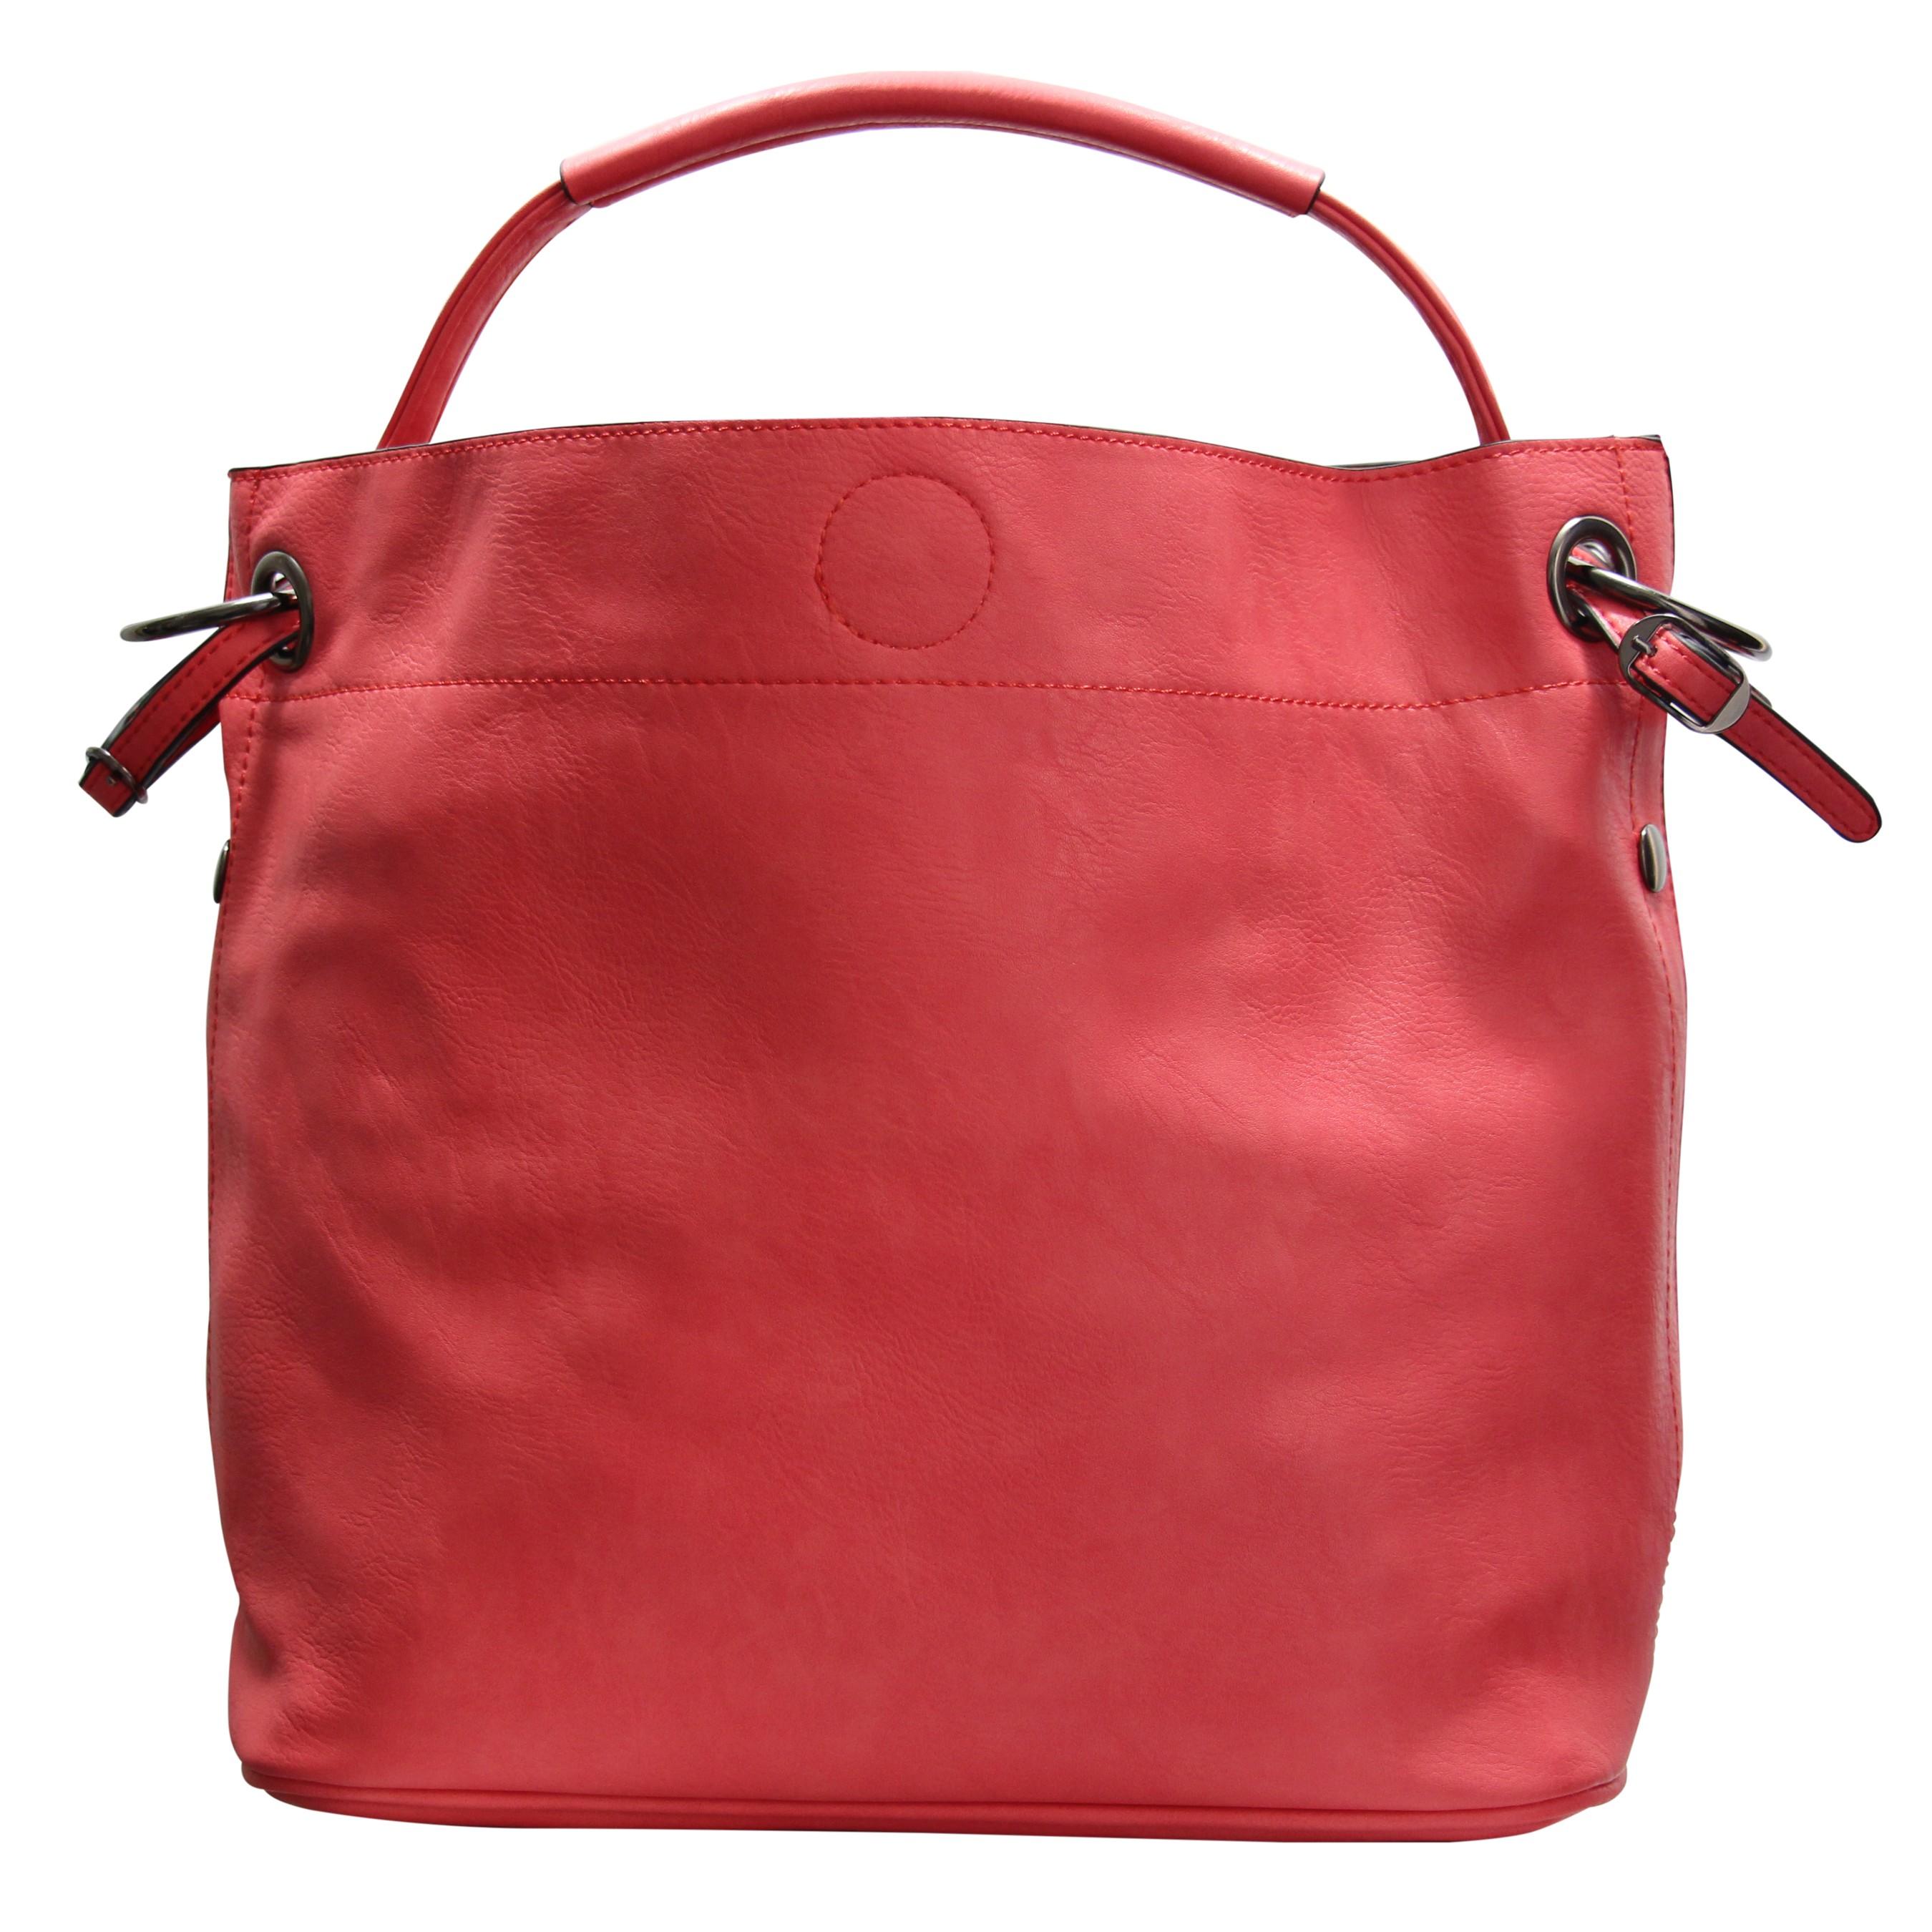 Bien connu Vente de sacs à main avec pochettes chez Shopping et Mode  RO32